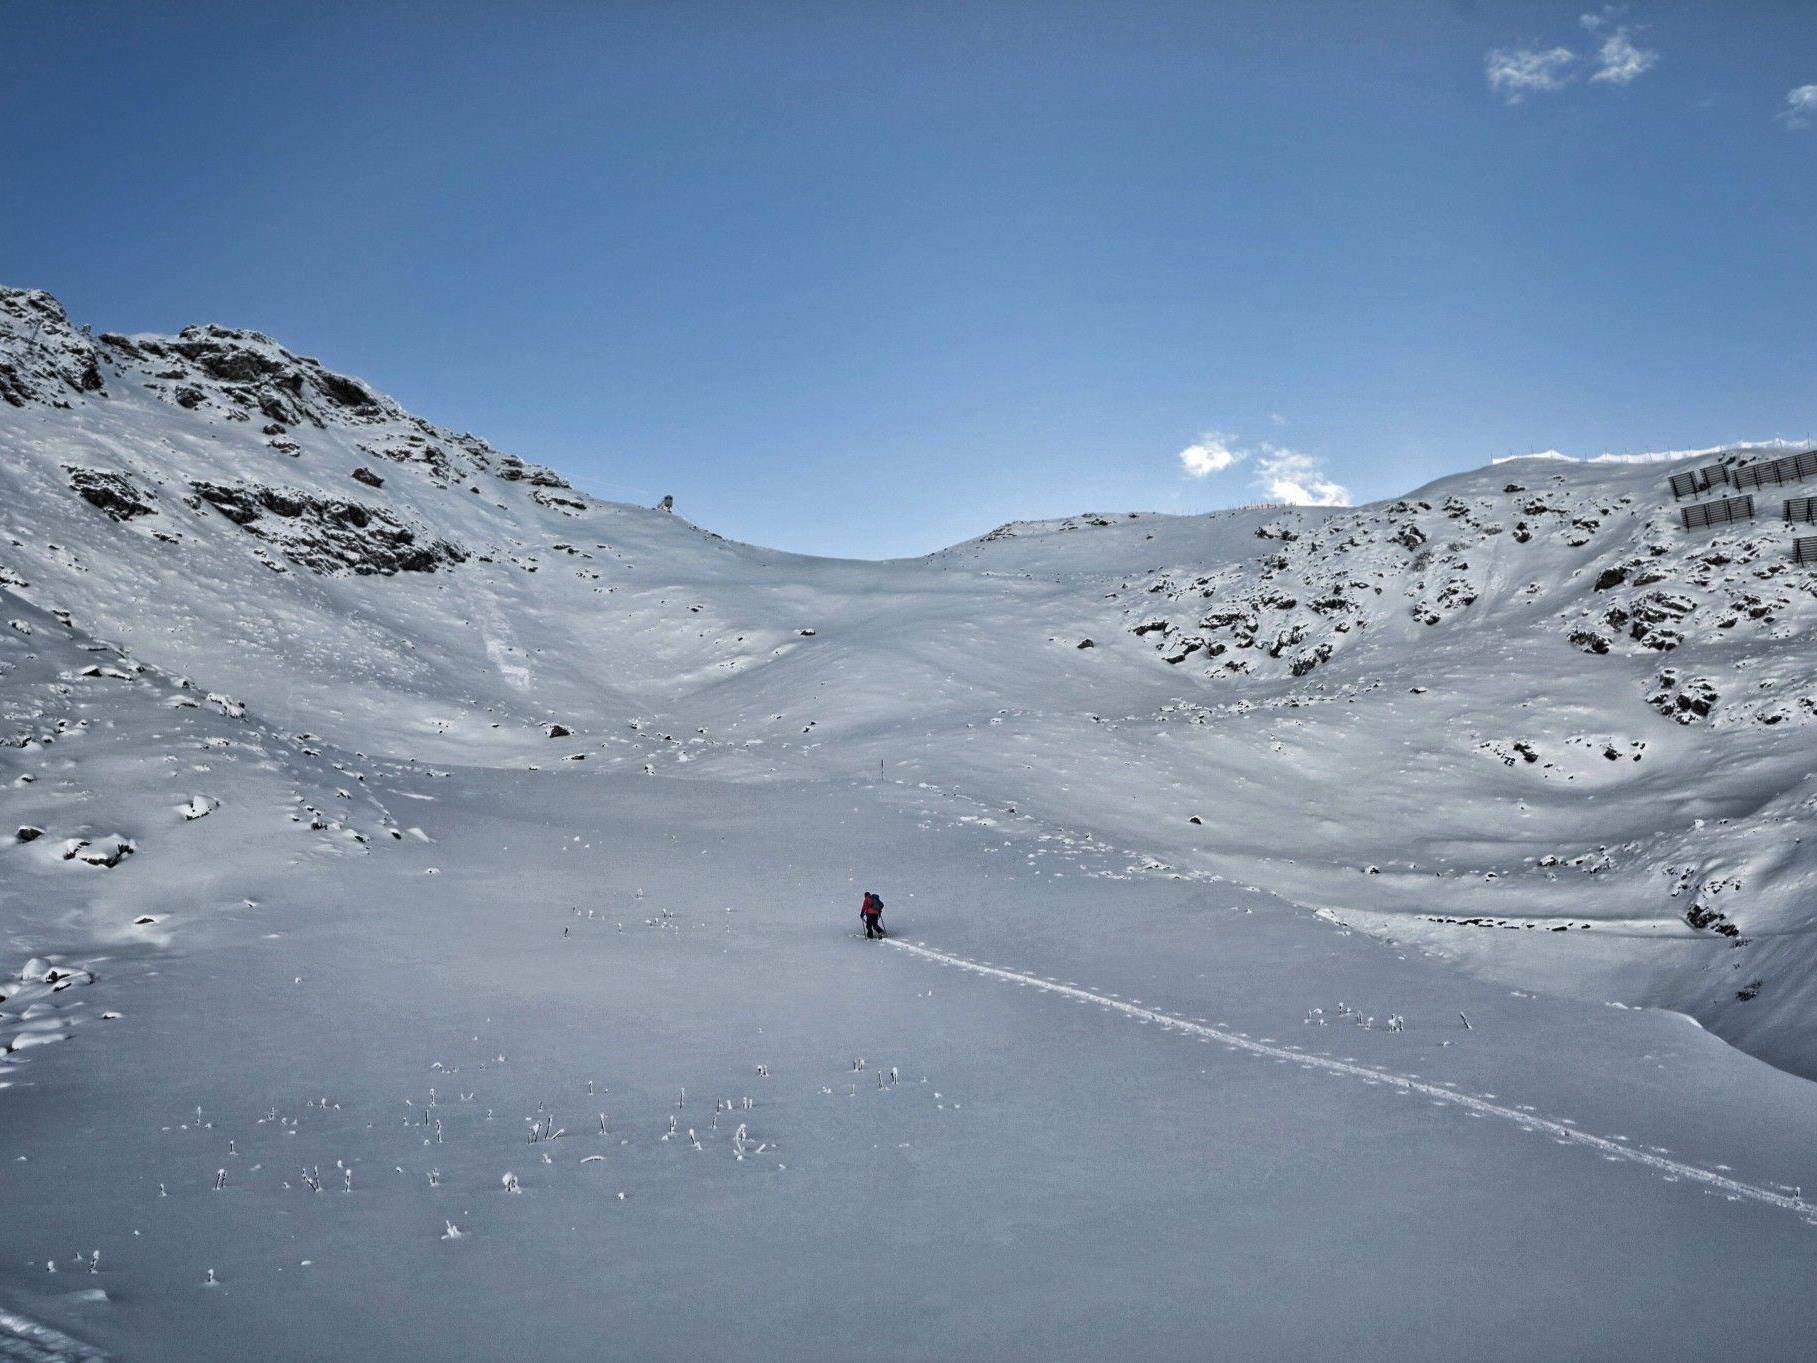 Skitourengehen boomt in Vorarlberg